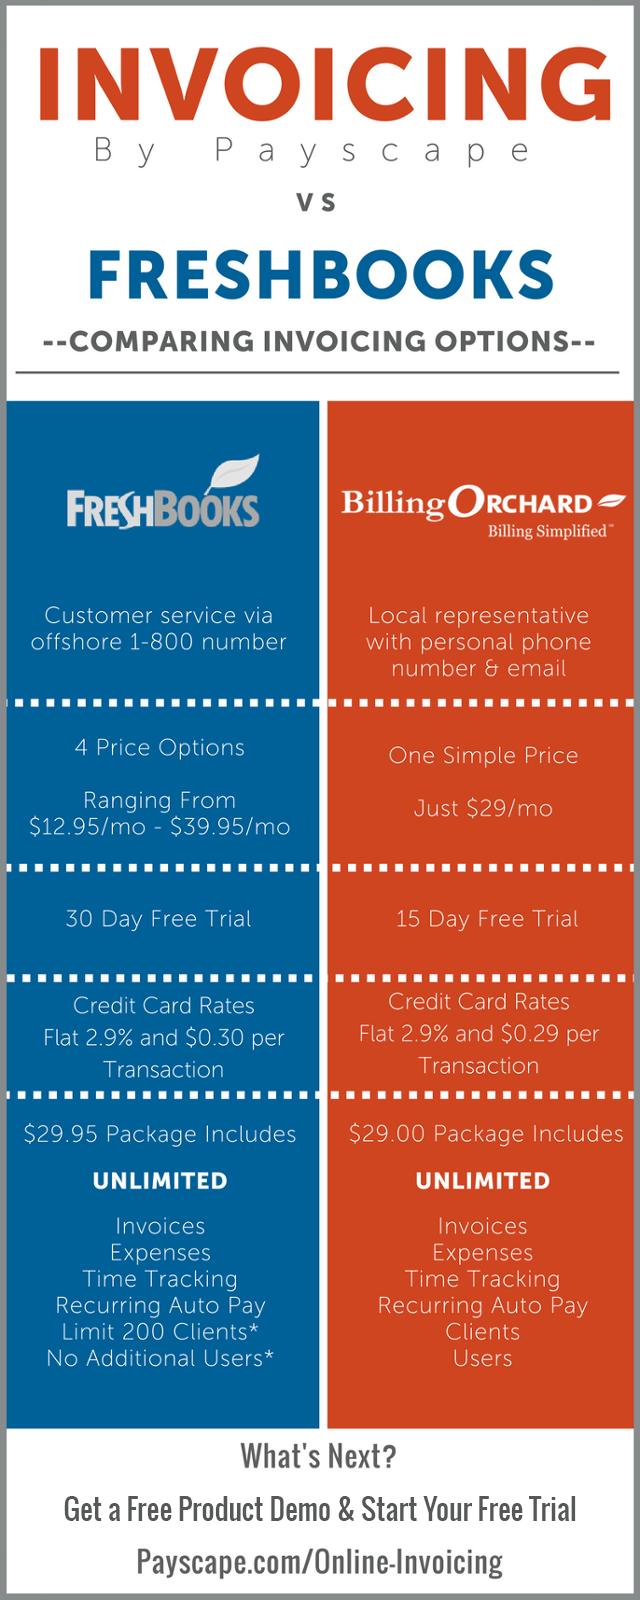 BillingOrchard vs FreshBooks